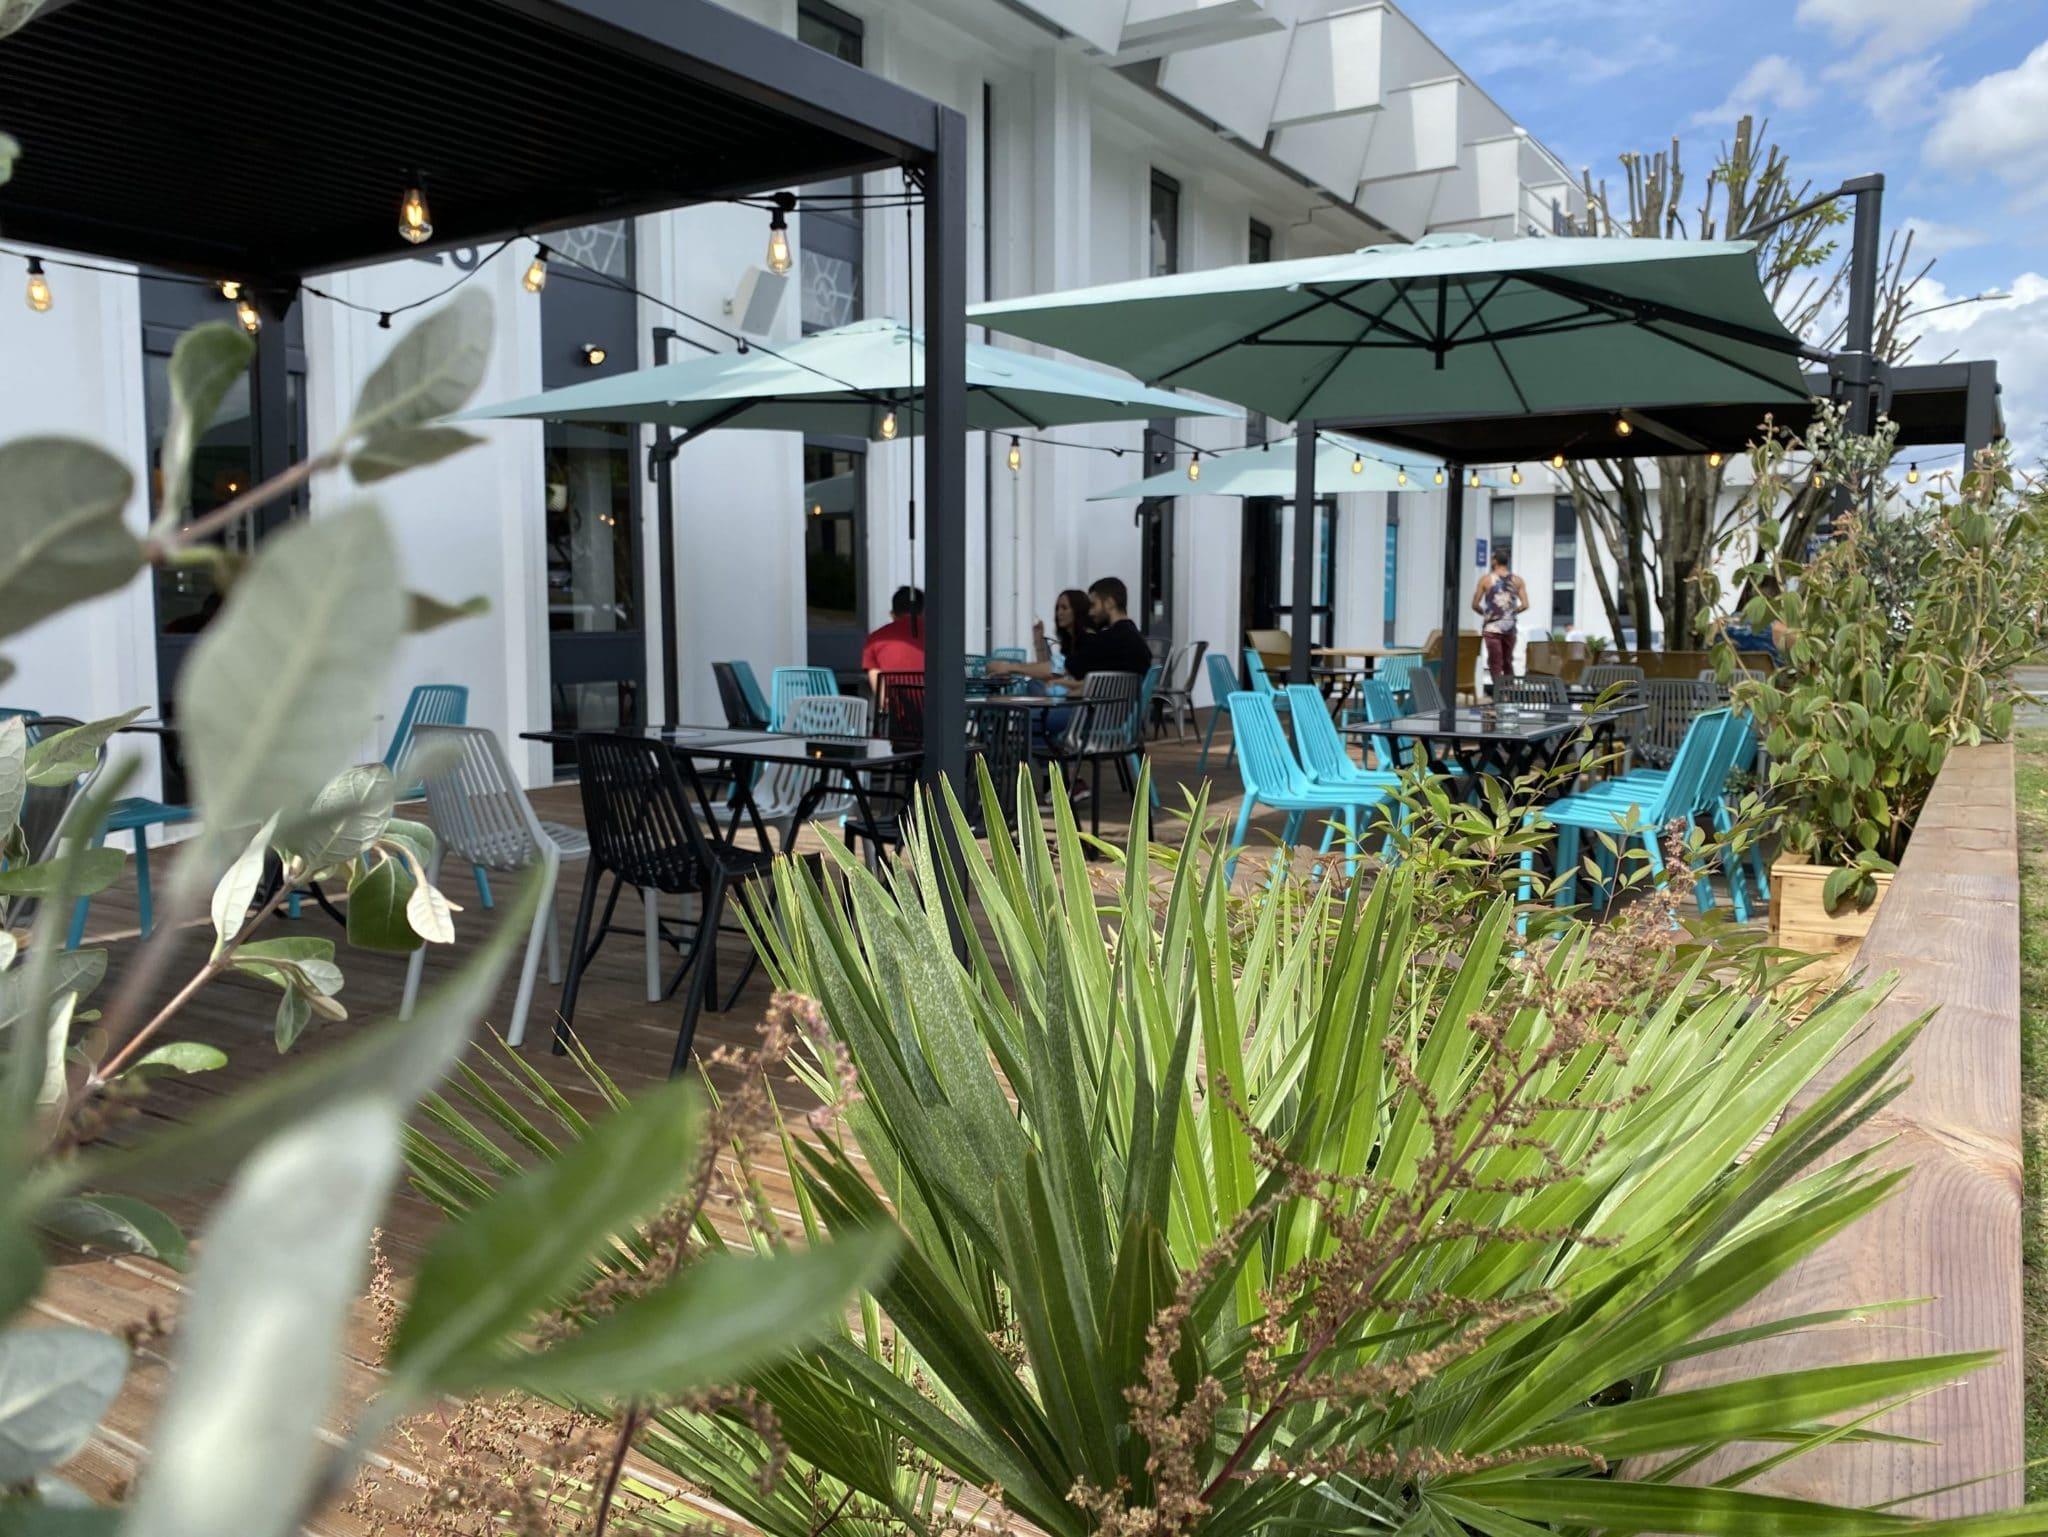 Terrasse du restaurant et bar Vertical'Art Rungis. Salle d'escalade dans le Val-de-Marne.